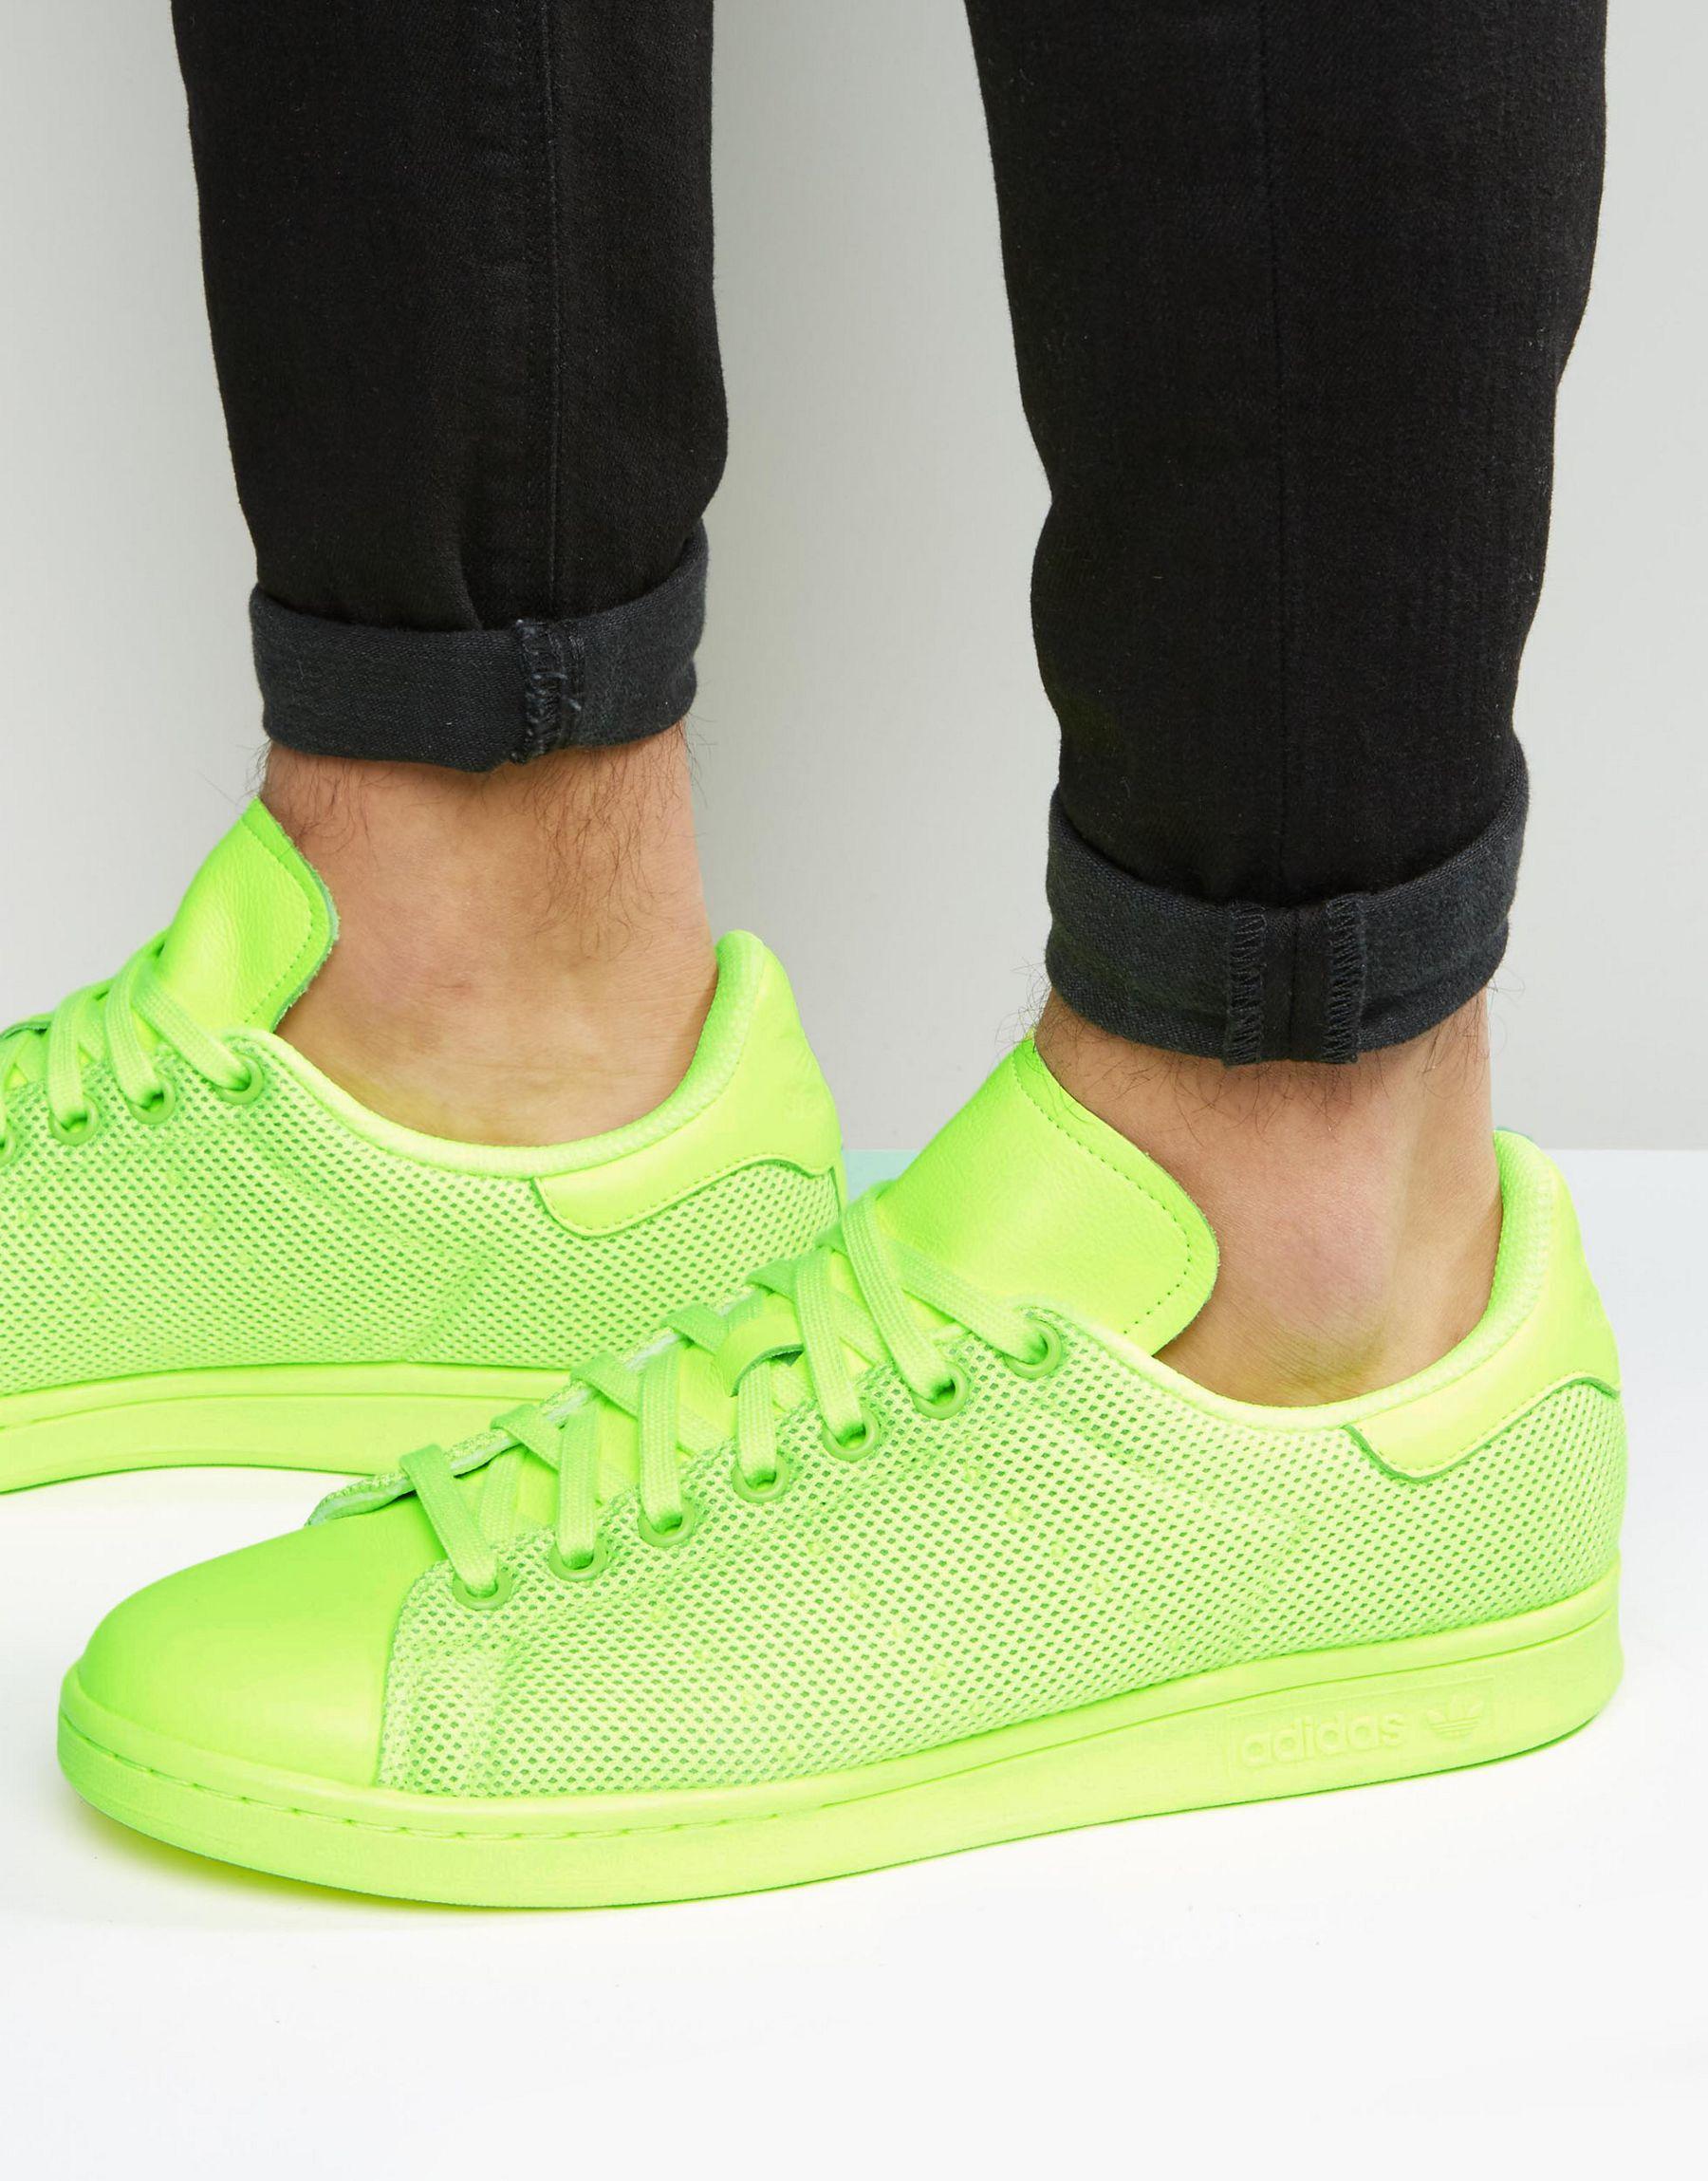 Lyst adidas Originals Stan Smith zapatillas en Amarillo bb4996 en